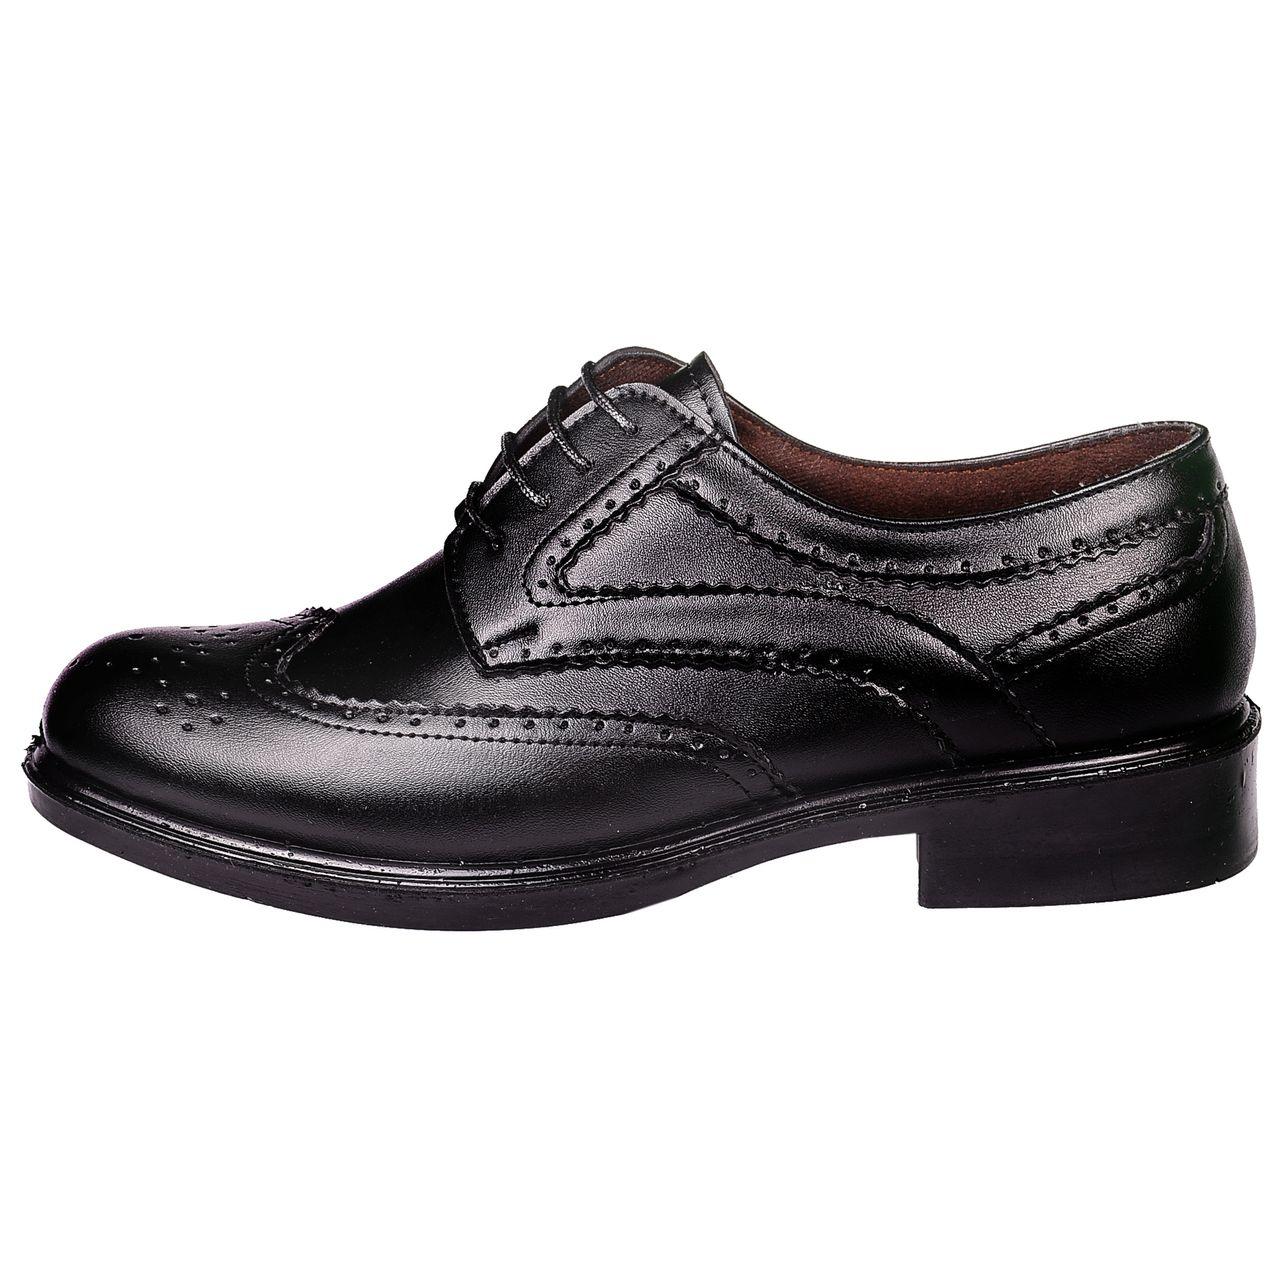 کفش مردانه طب نوین مدل هشترک کد 1702